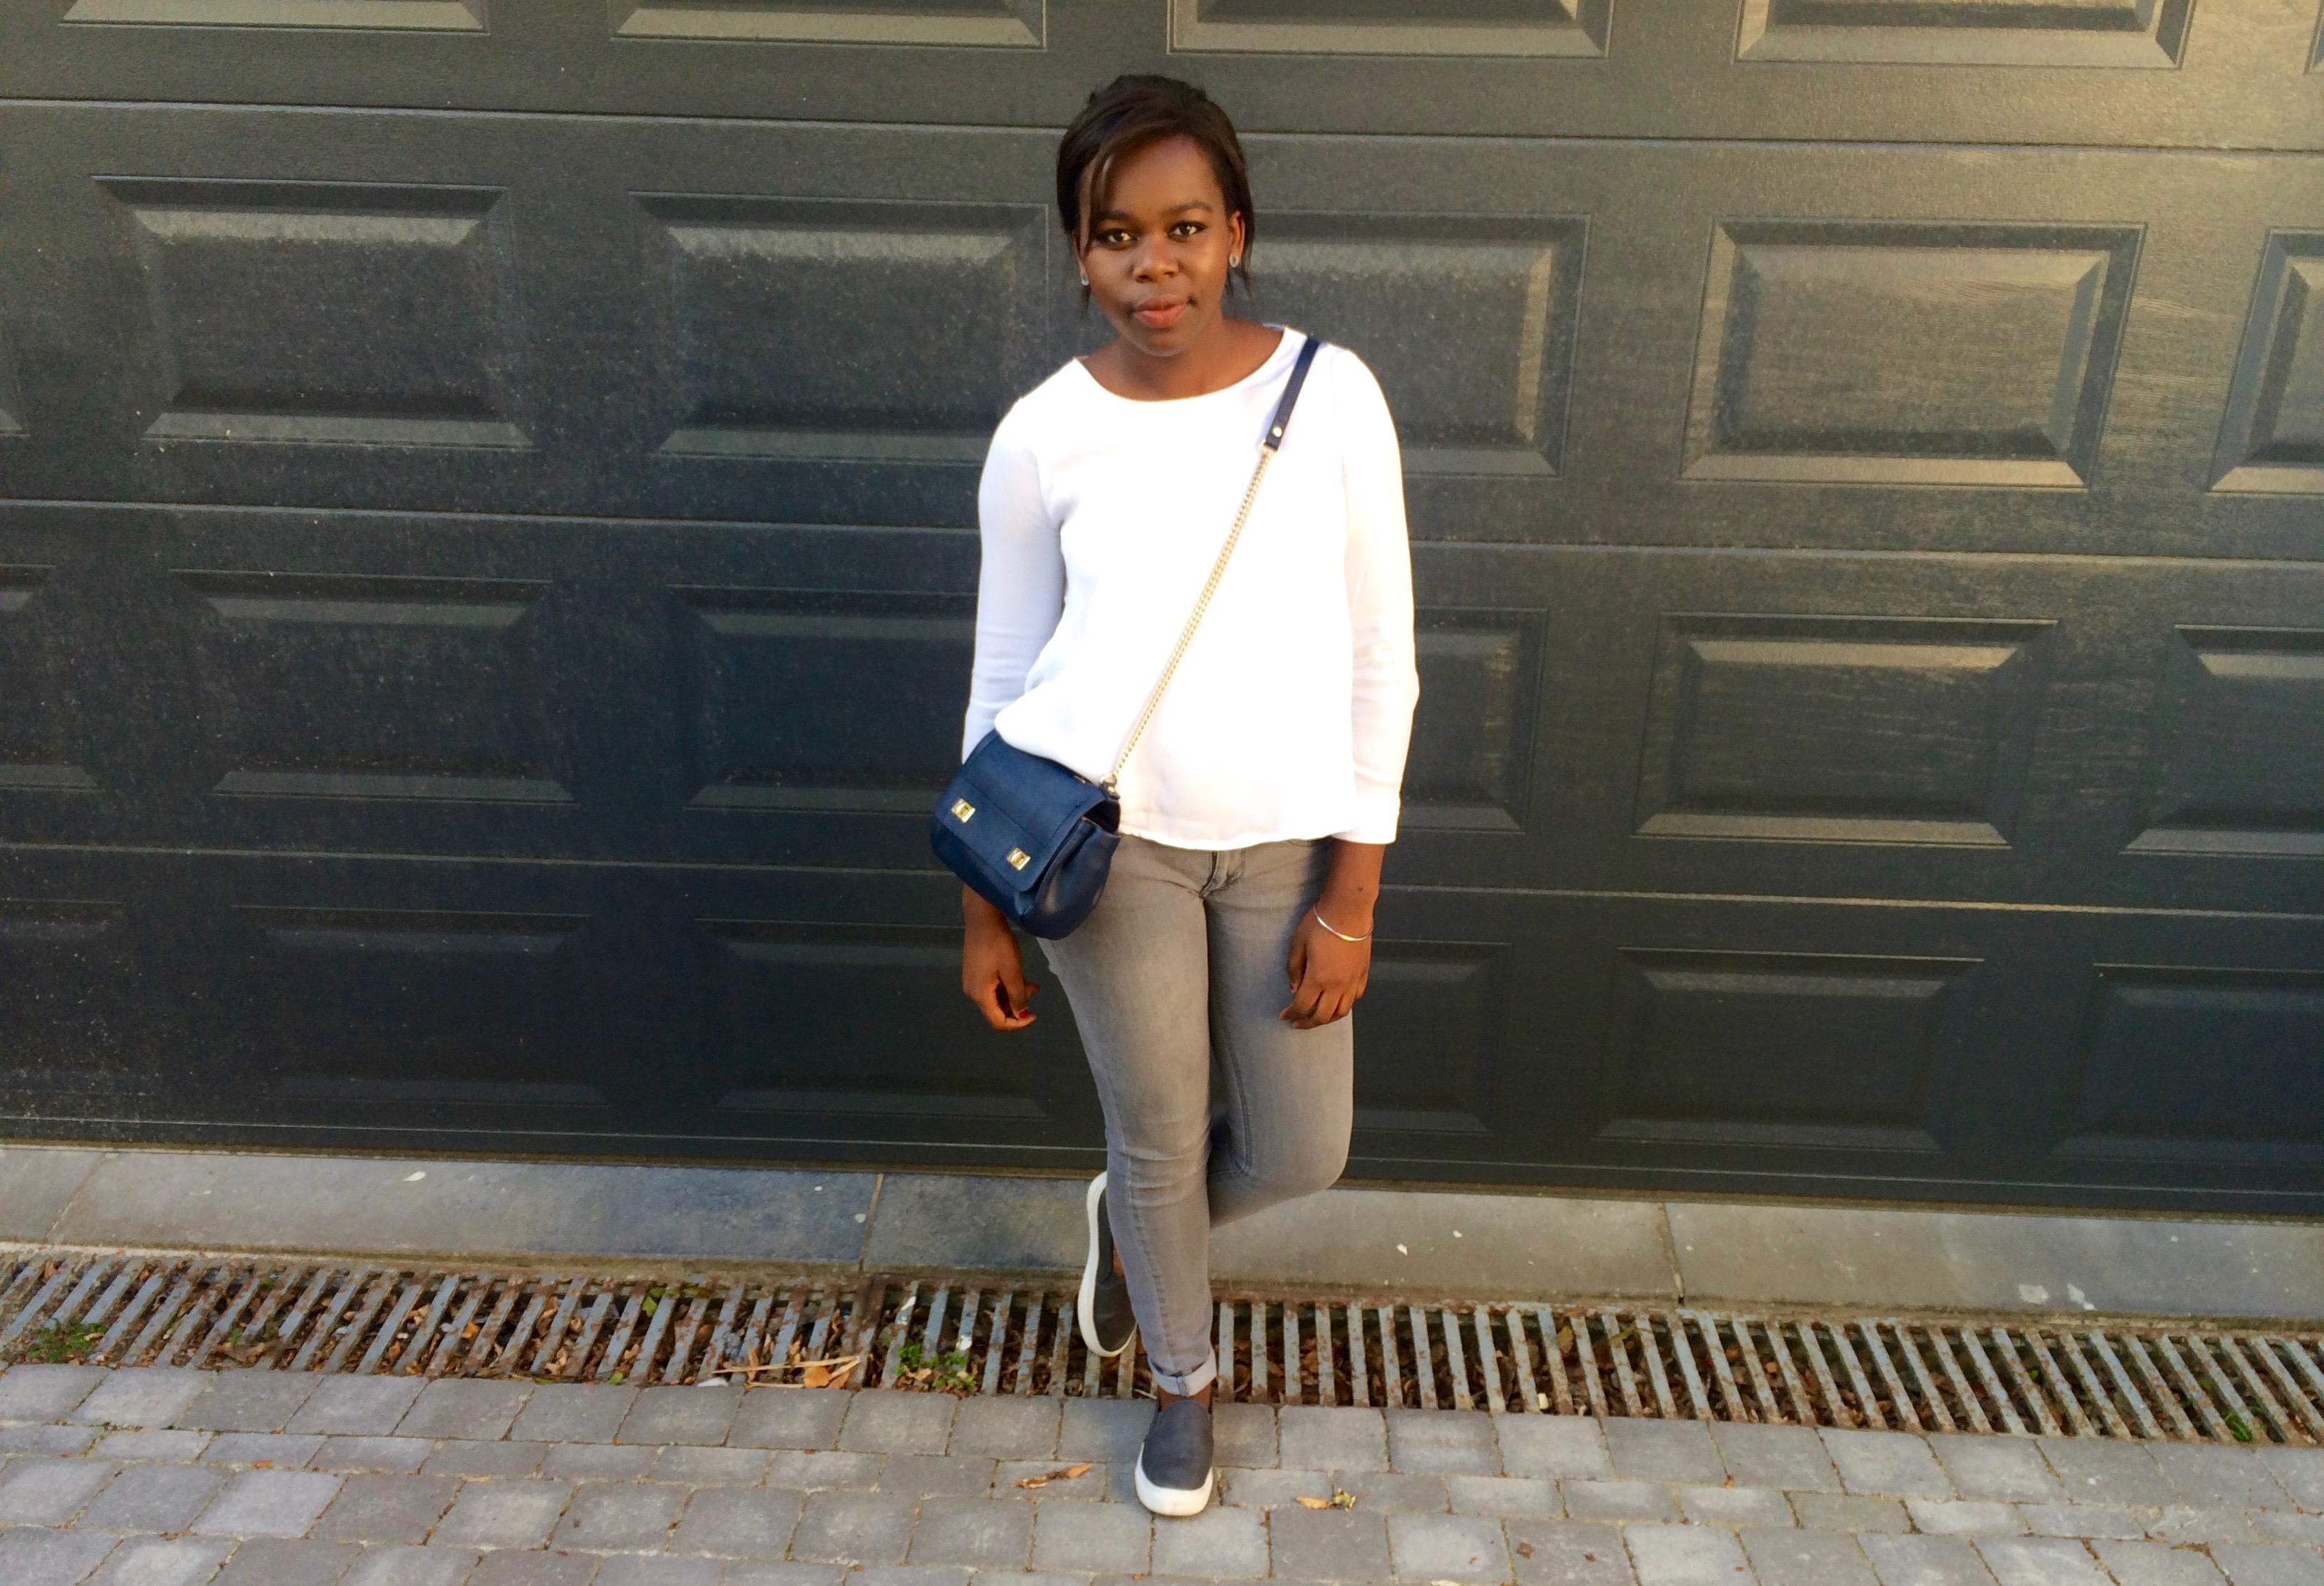 Coup-de-blouse_9622